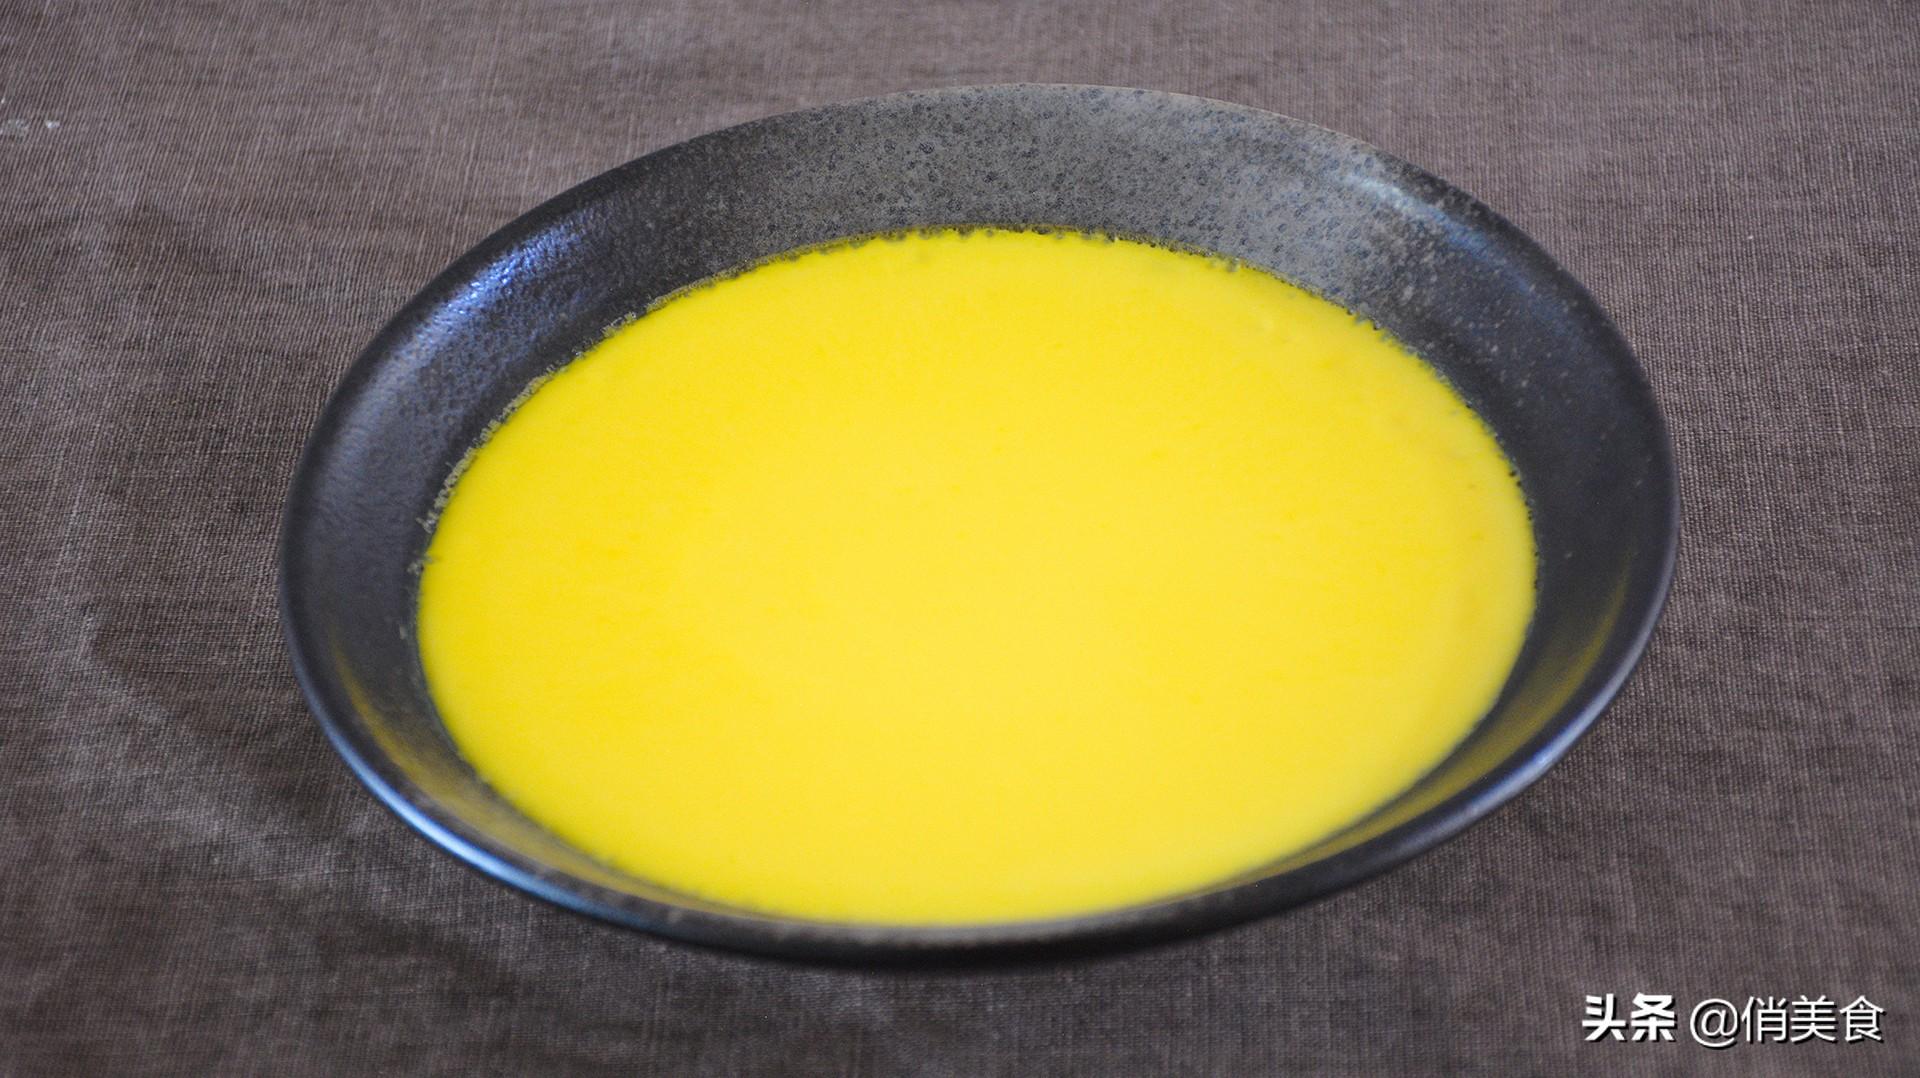 蒸鸡蛋羹用冷水还是热水?很多人不知道,记住这4步,滑嫩爽口 美食做法 第3张